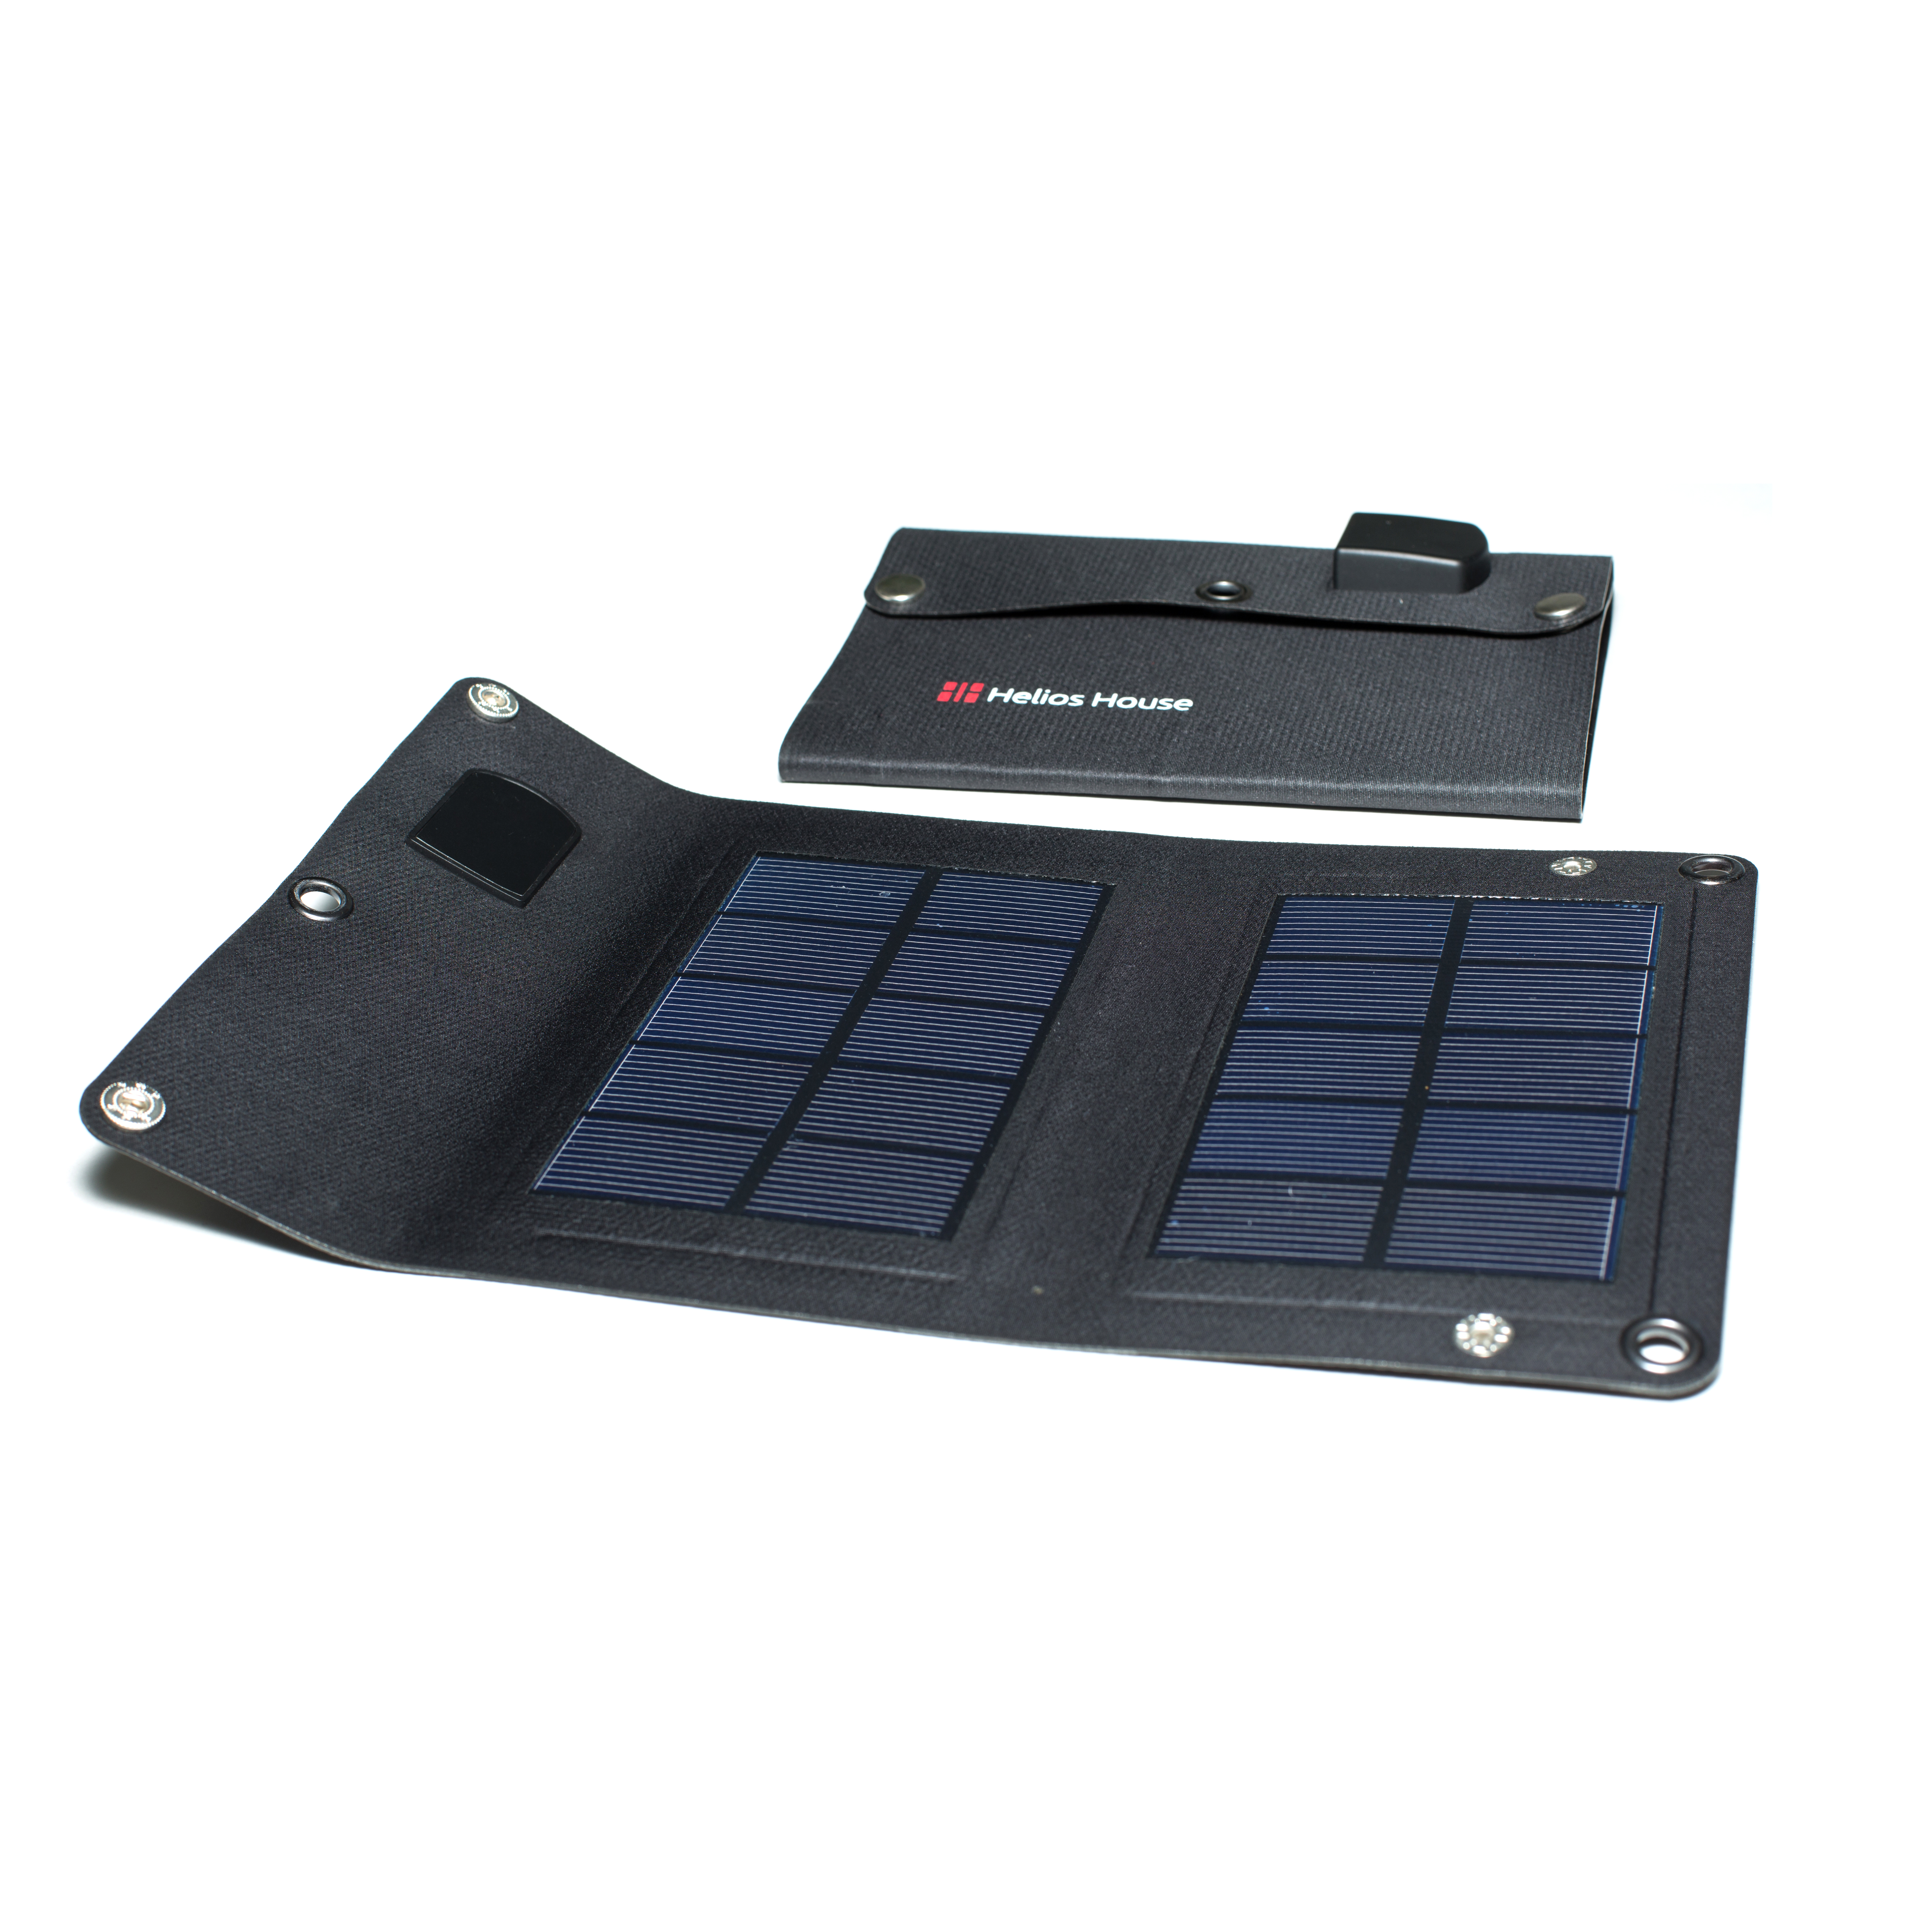 устройство для заряда телефона на солнечной батарее